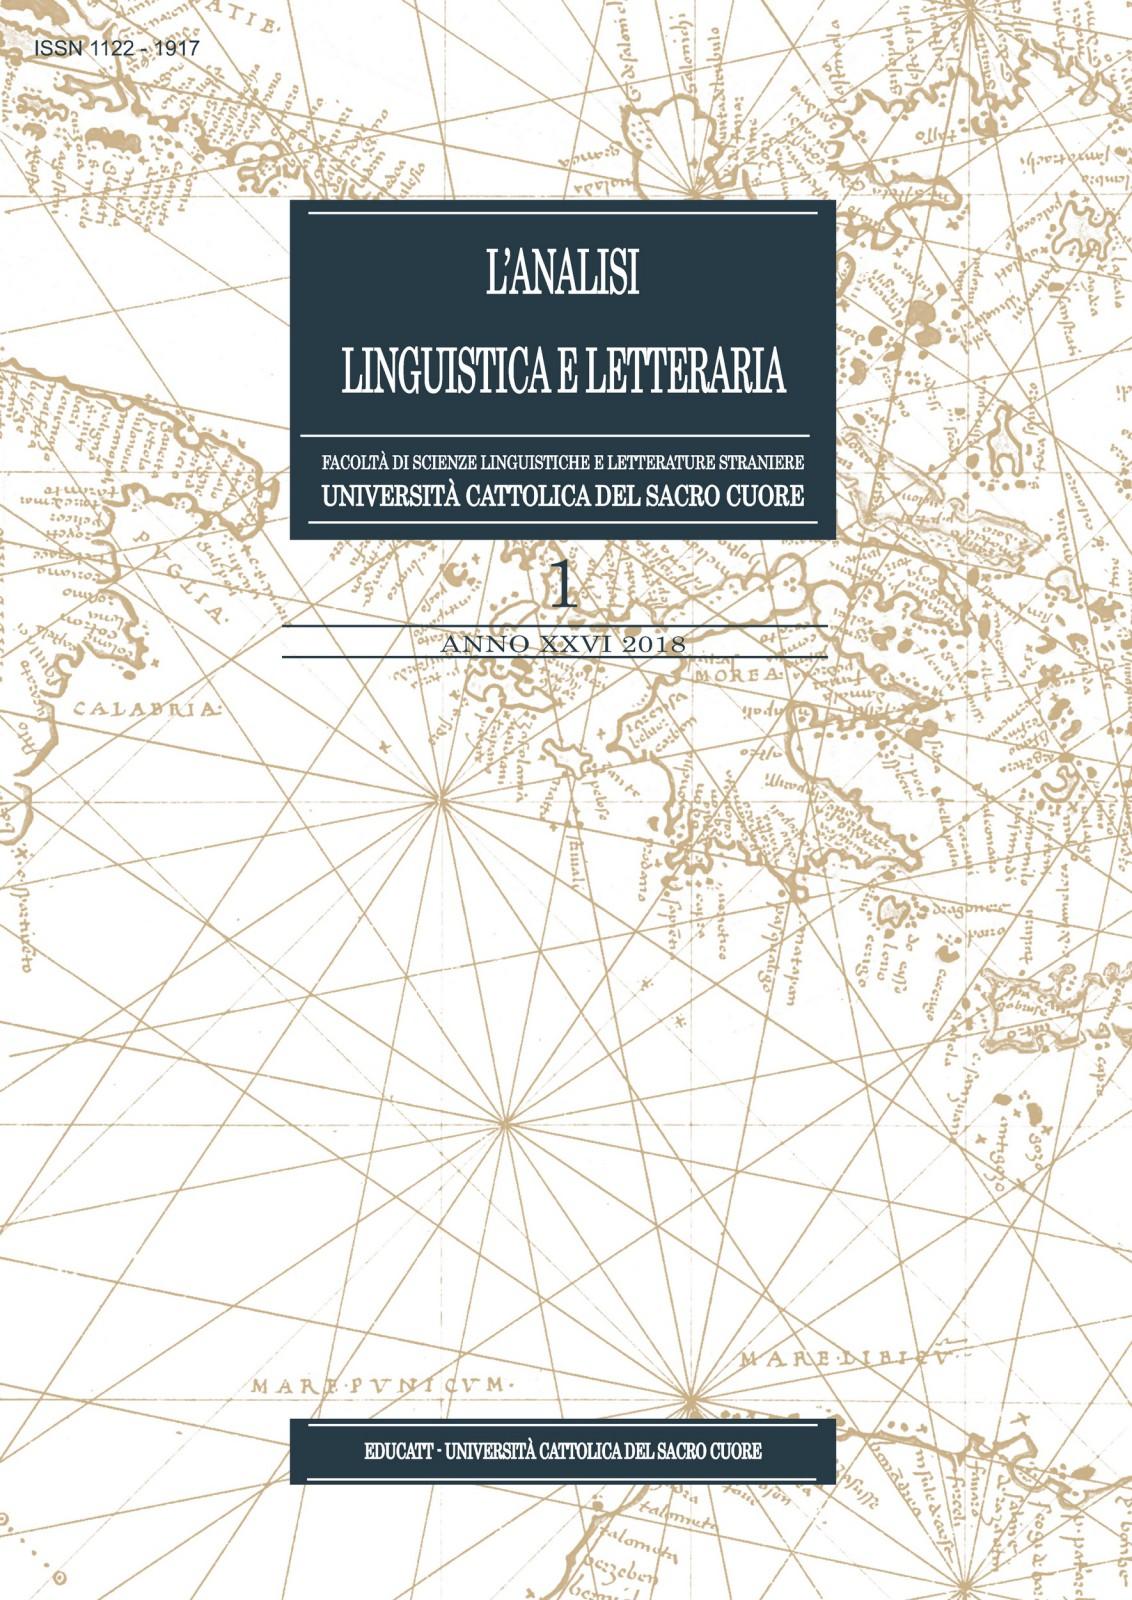 L'ANALISI LINGUISTICA E LETTERARIA 2018/1